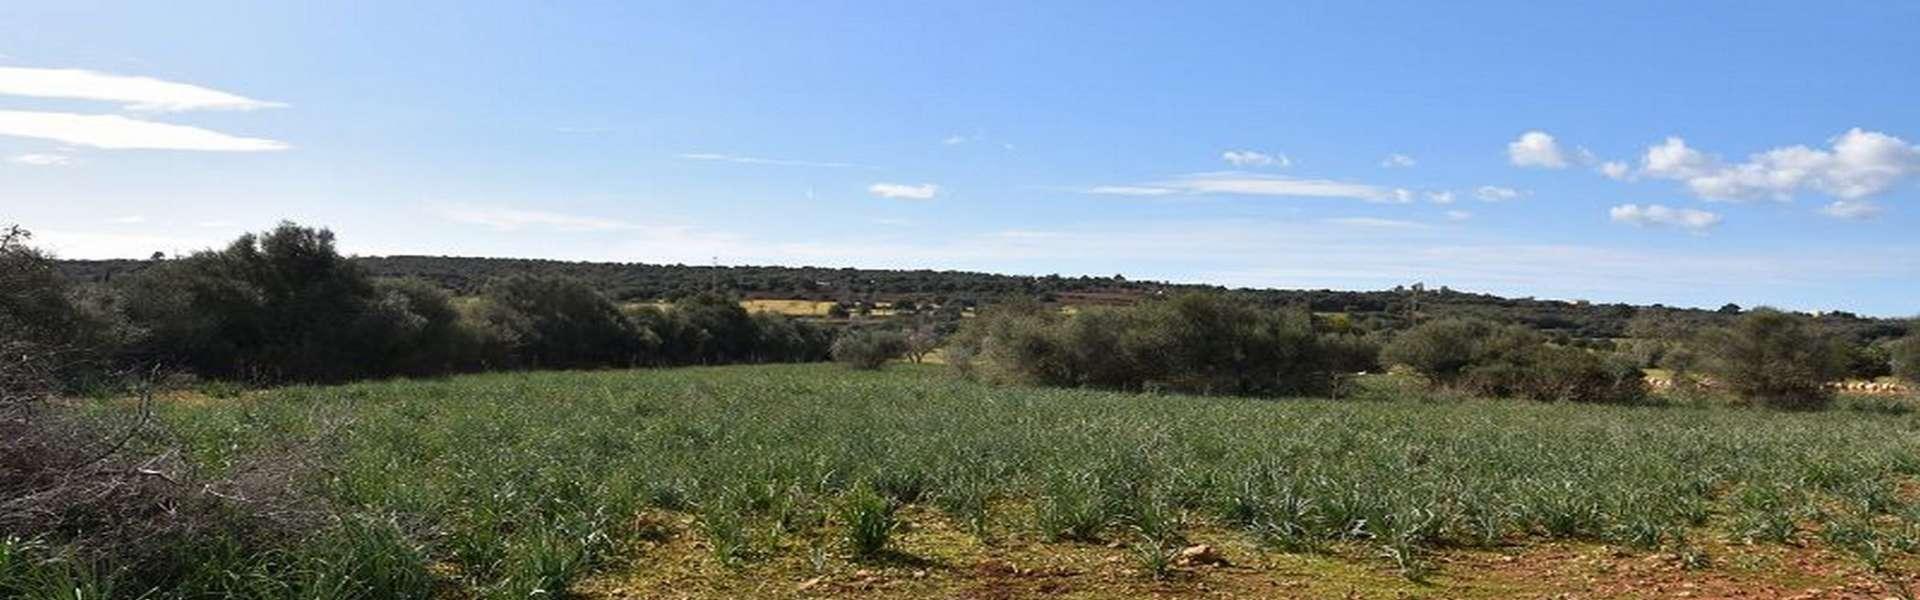 Campos - Finca Ruine mit idyllisch großzügigem Grundstück